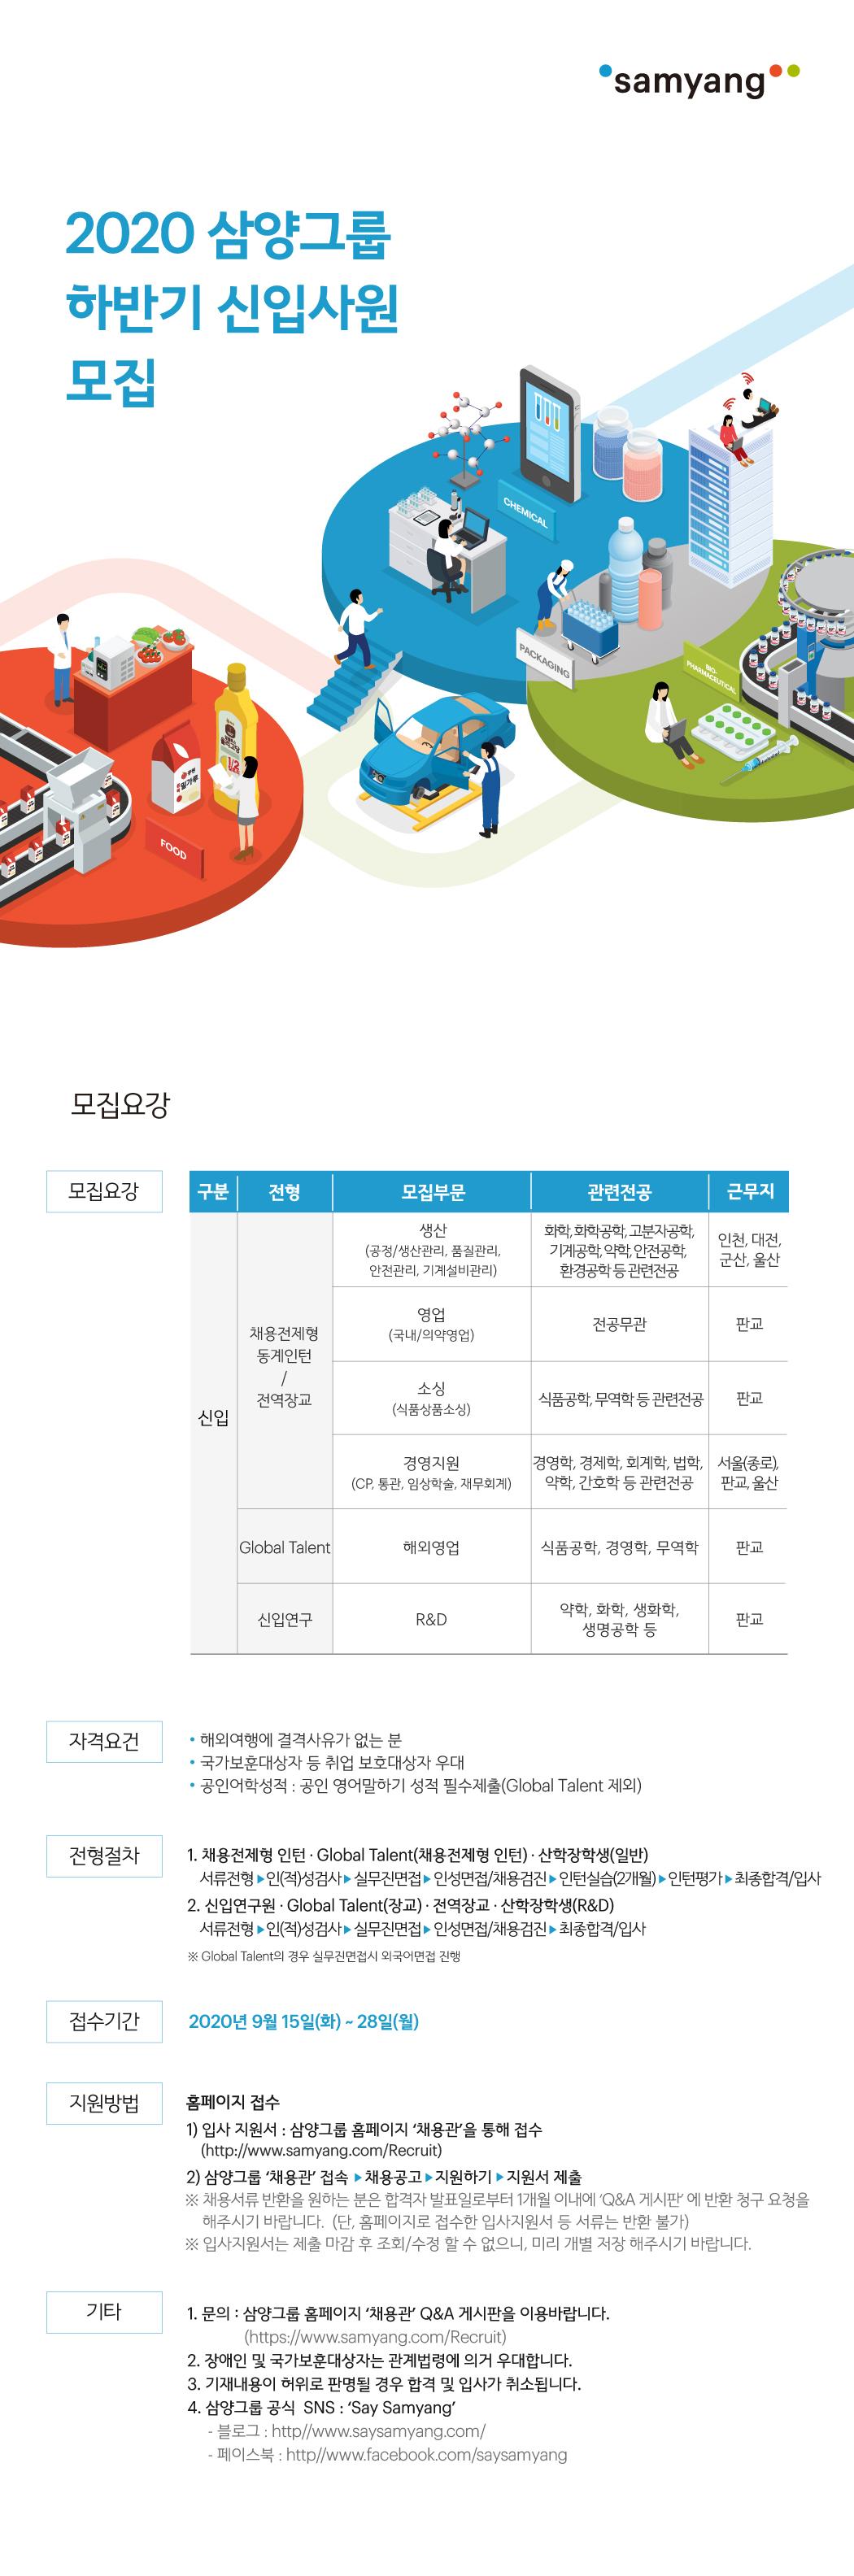 [삼양그룹]2020_하반기 신입사원 모집_공고.jpg